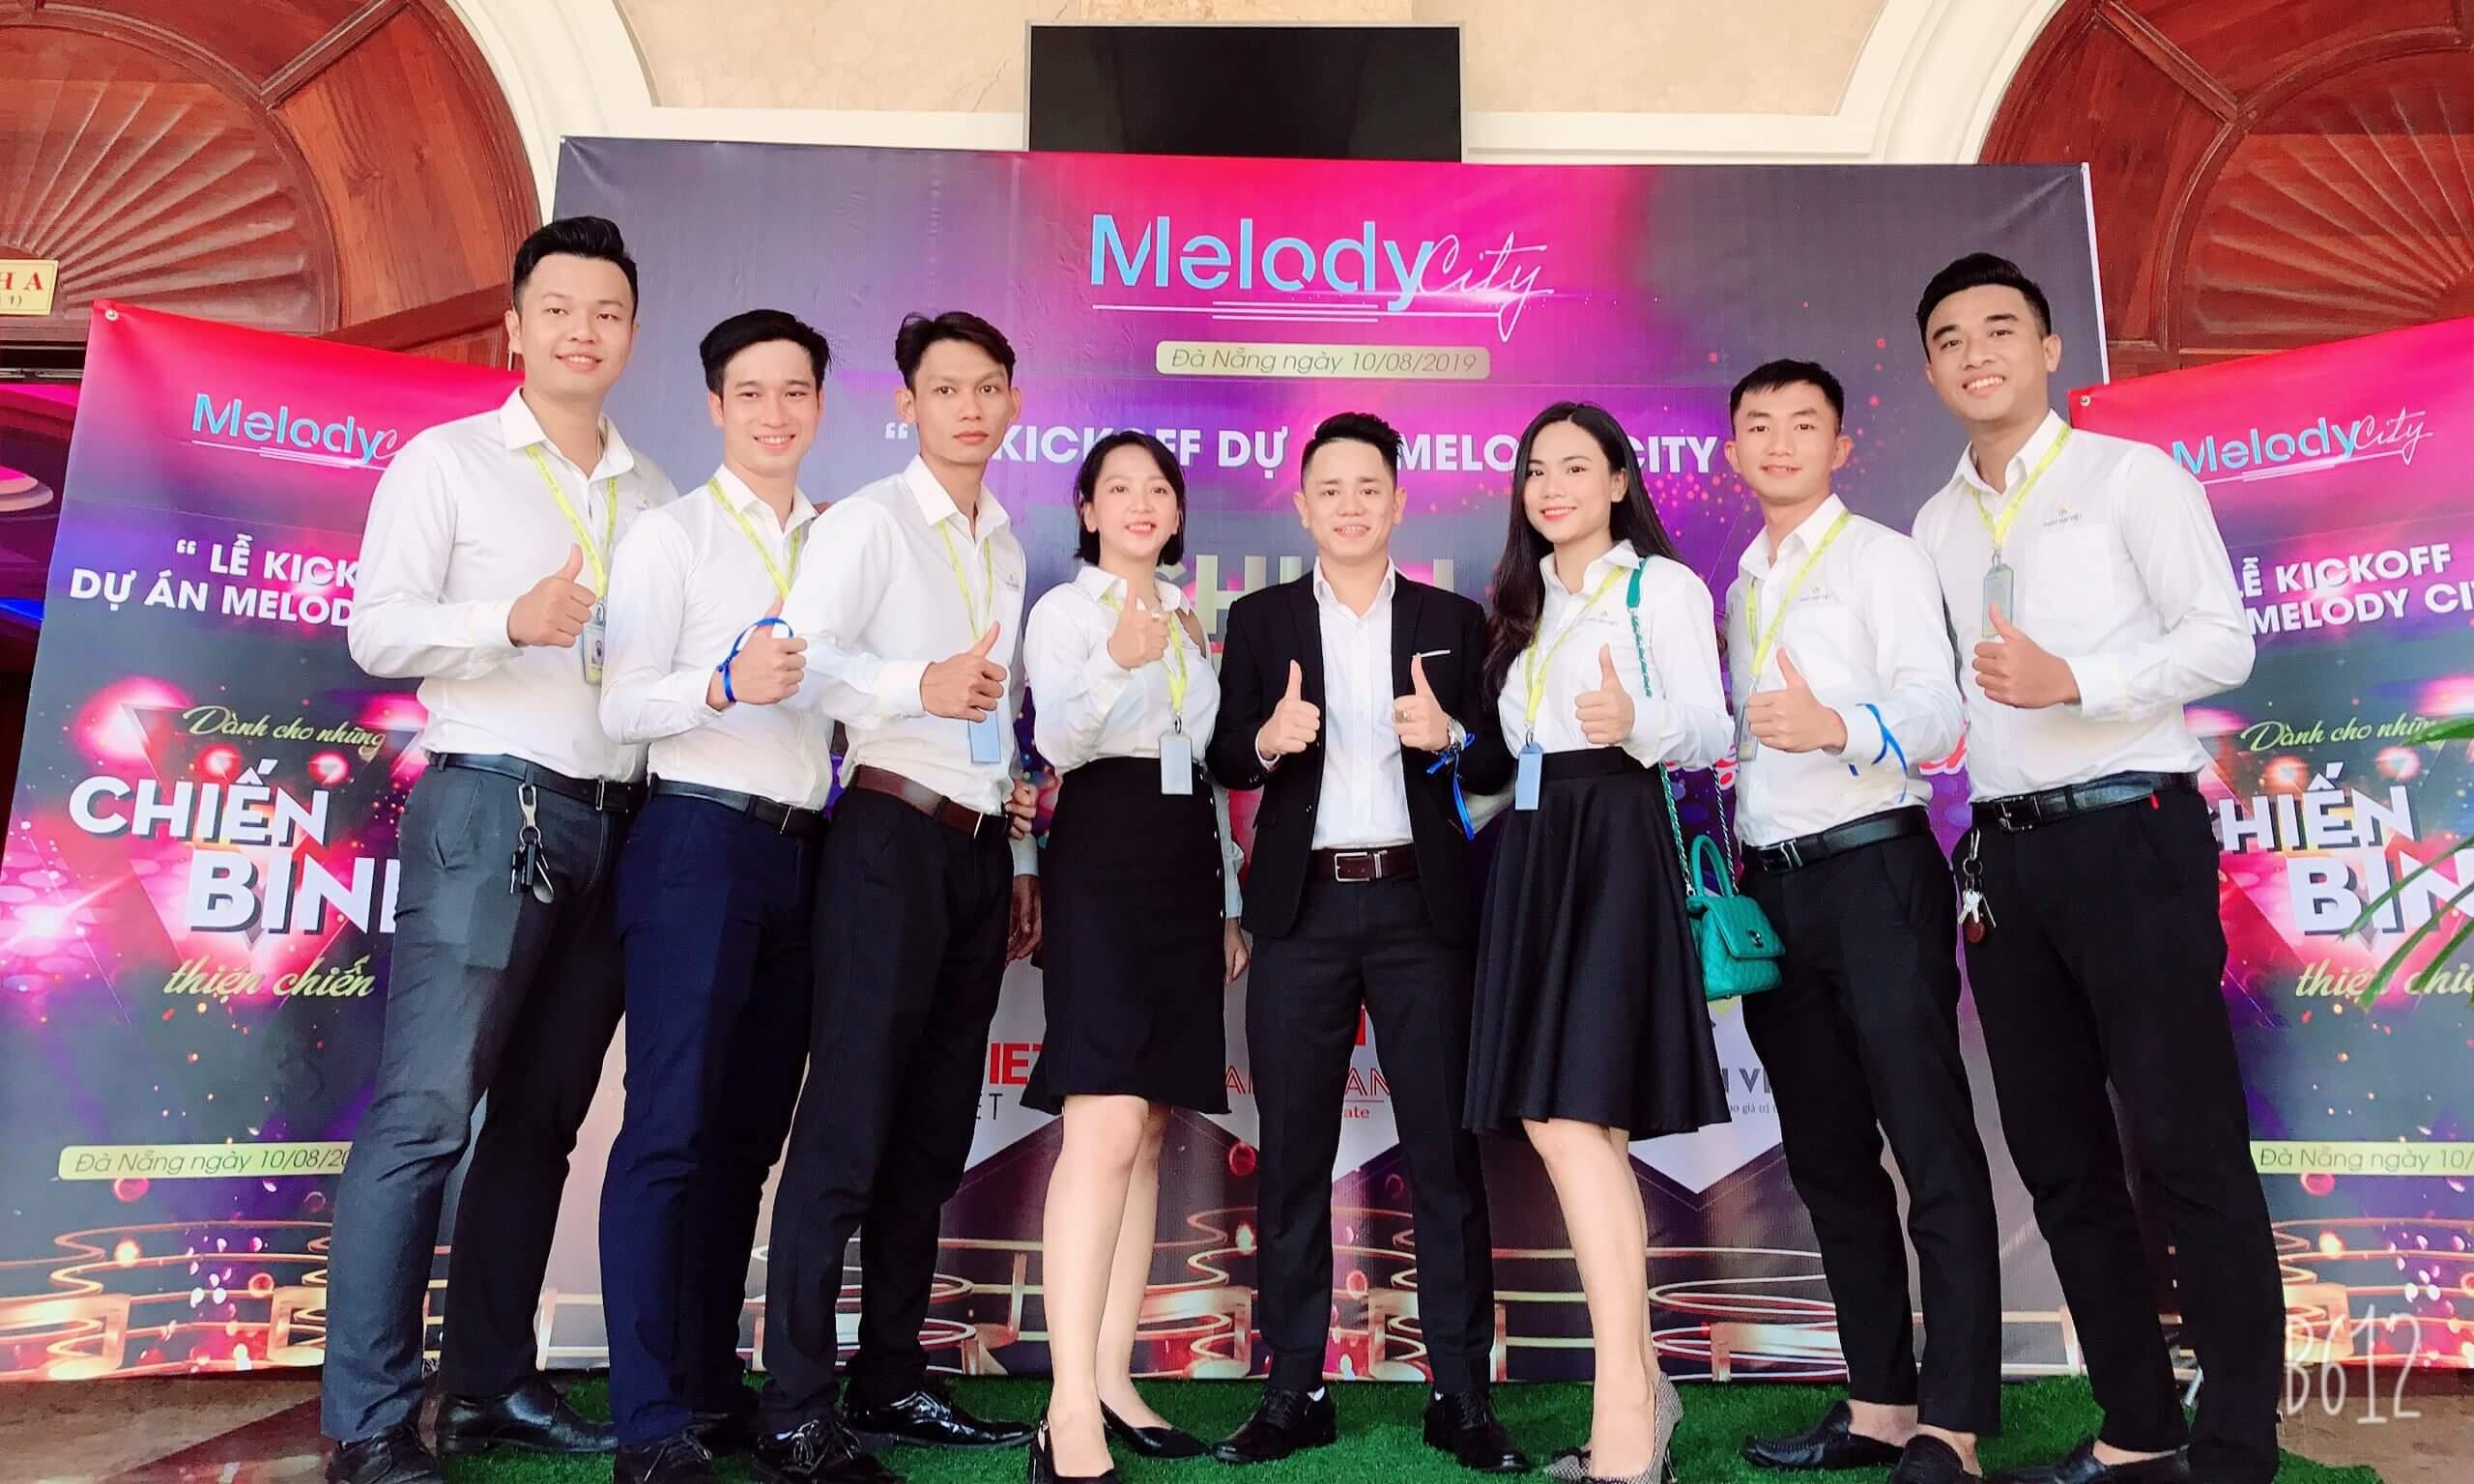 lễ ra mắt dự án melody city